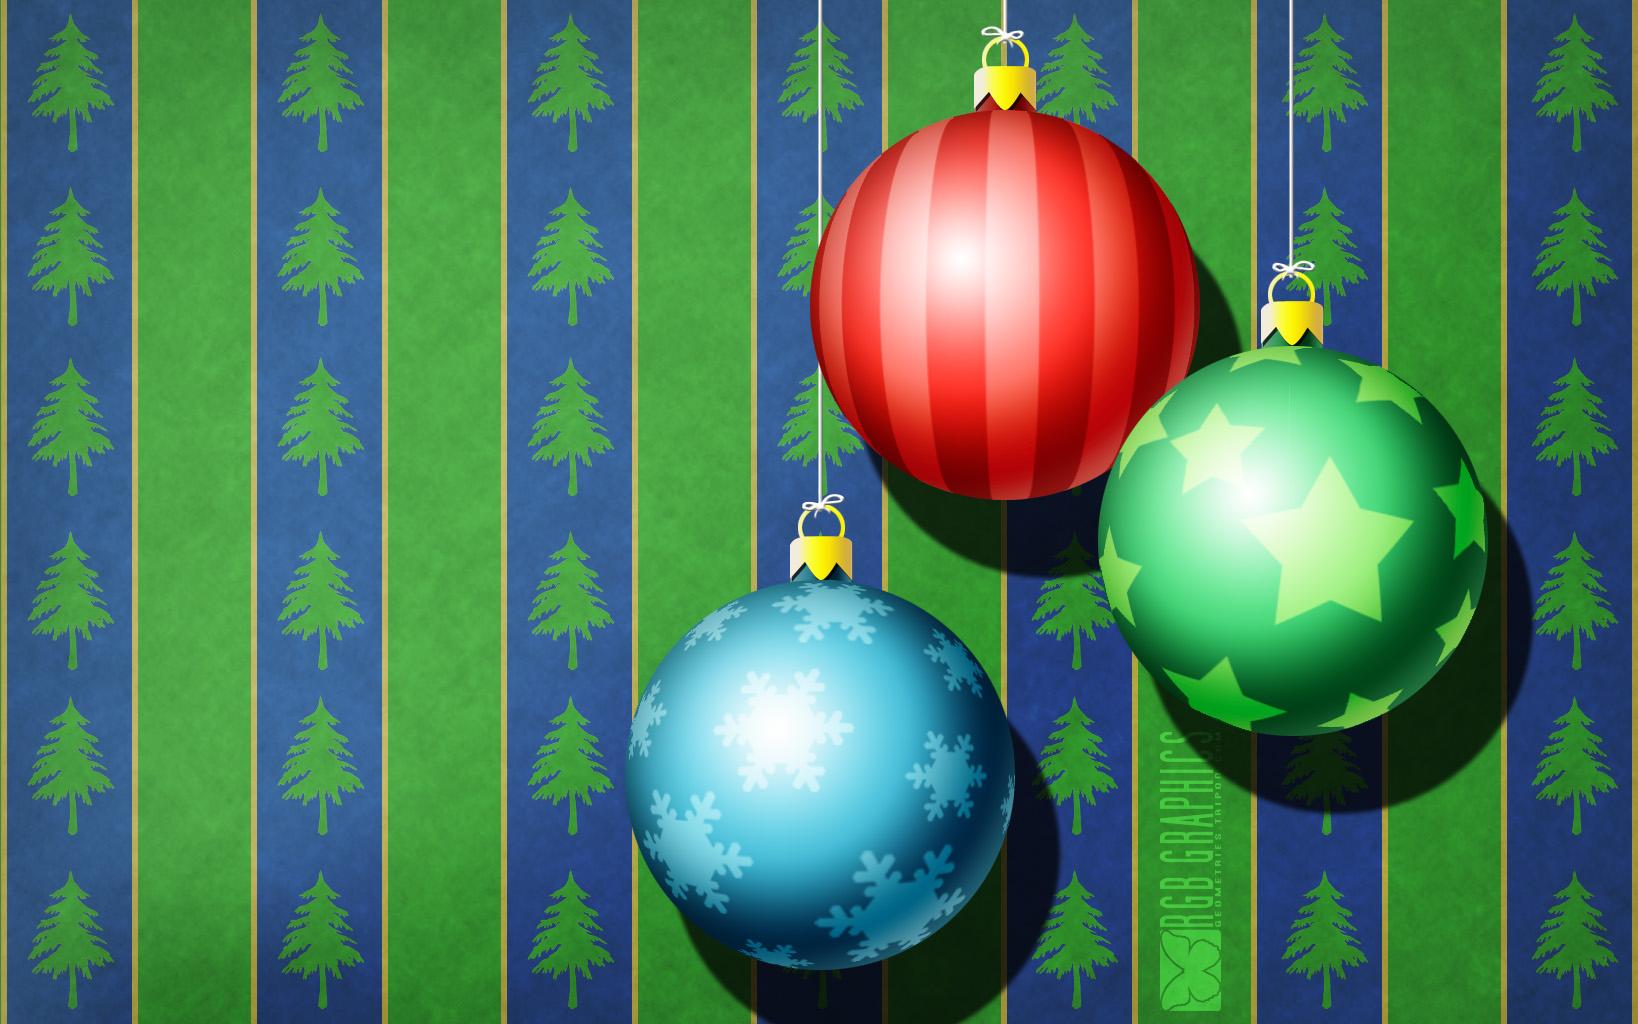 10 Fondos De Navidad Para Pc En Calidad Hd Adnfriki